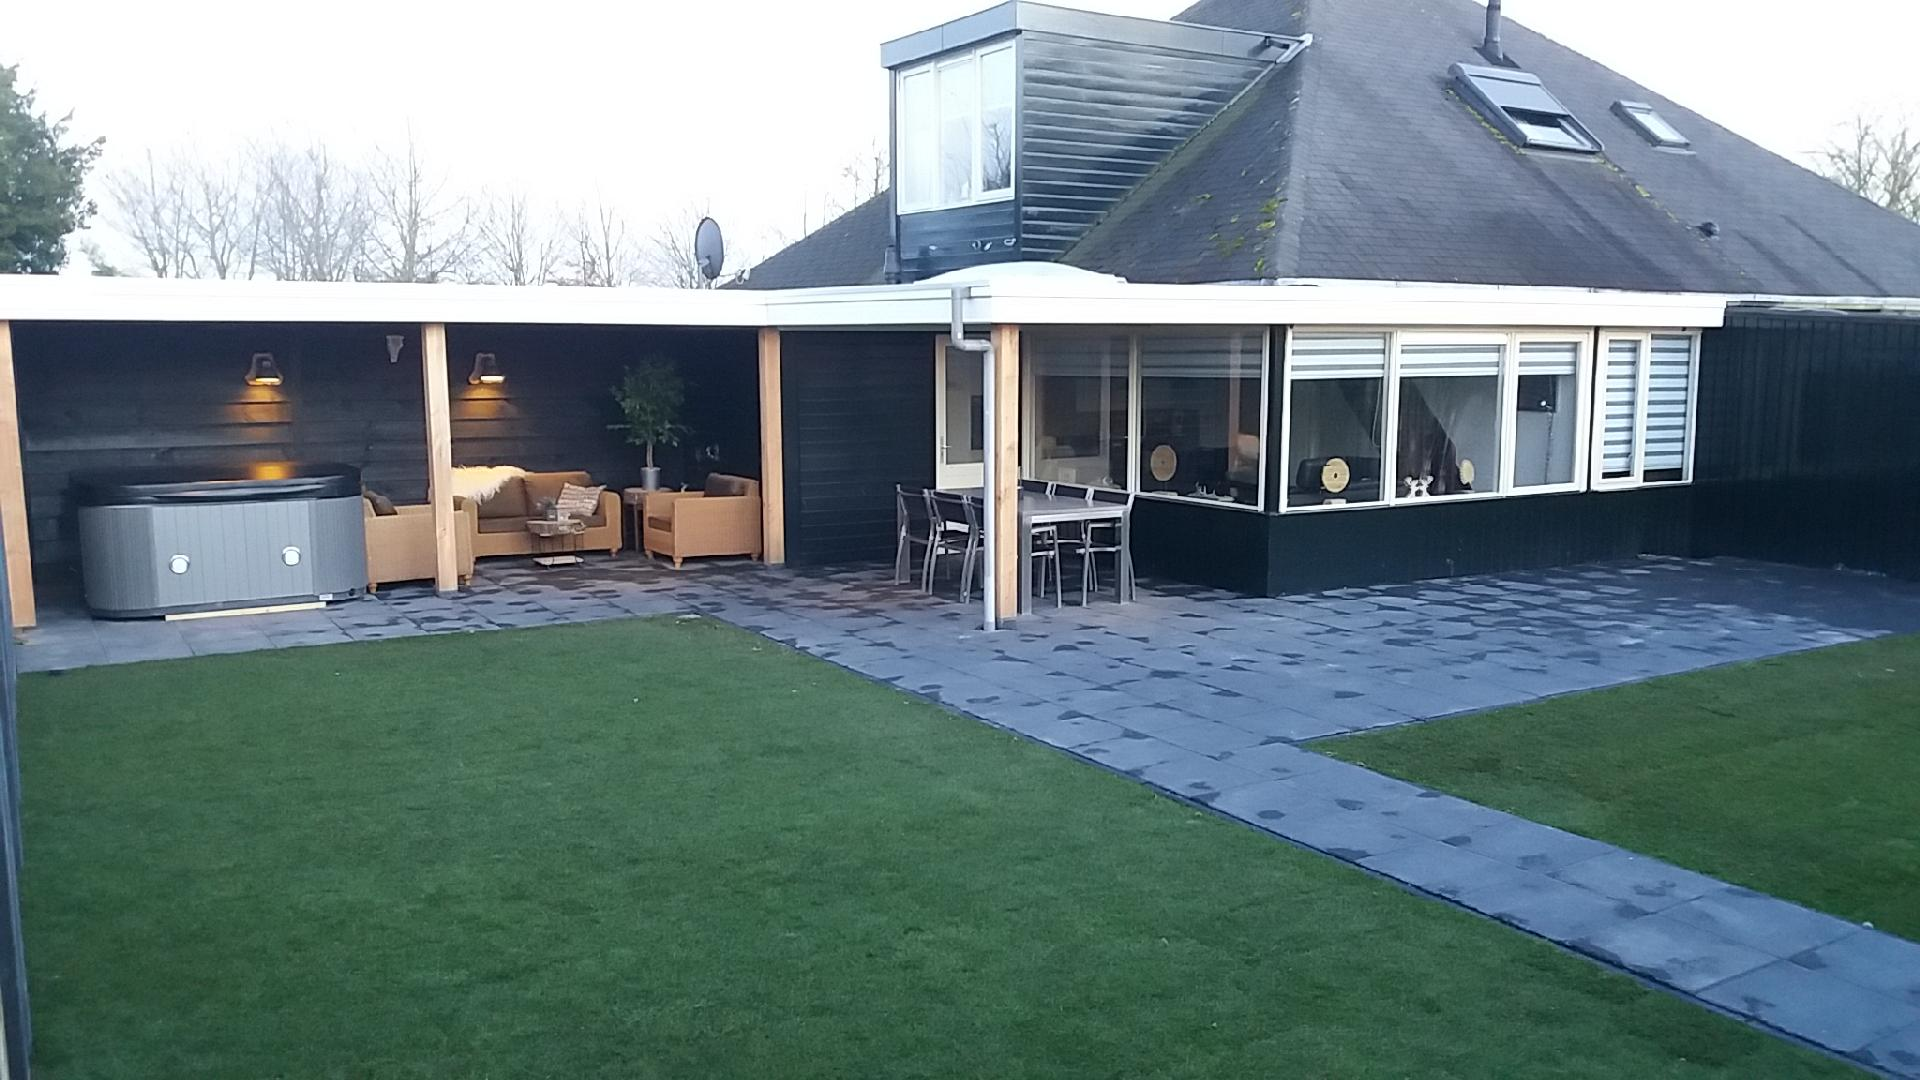 Ferienhaus für 6 Personen ca 70 m² in Stavenisse Zeeland Küste von Zeeland